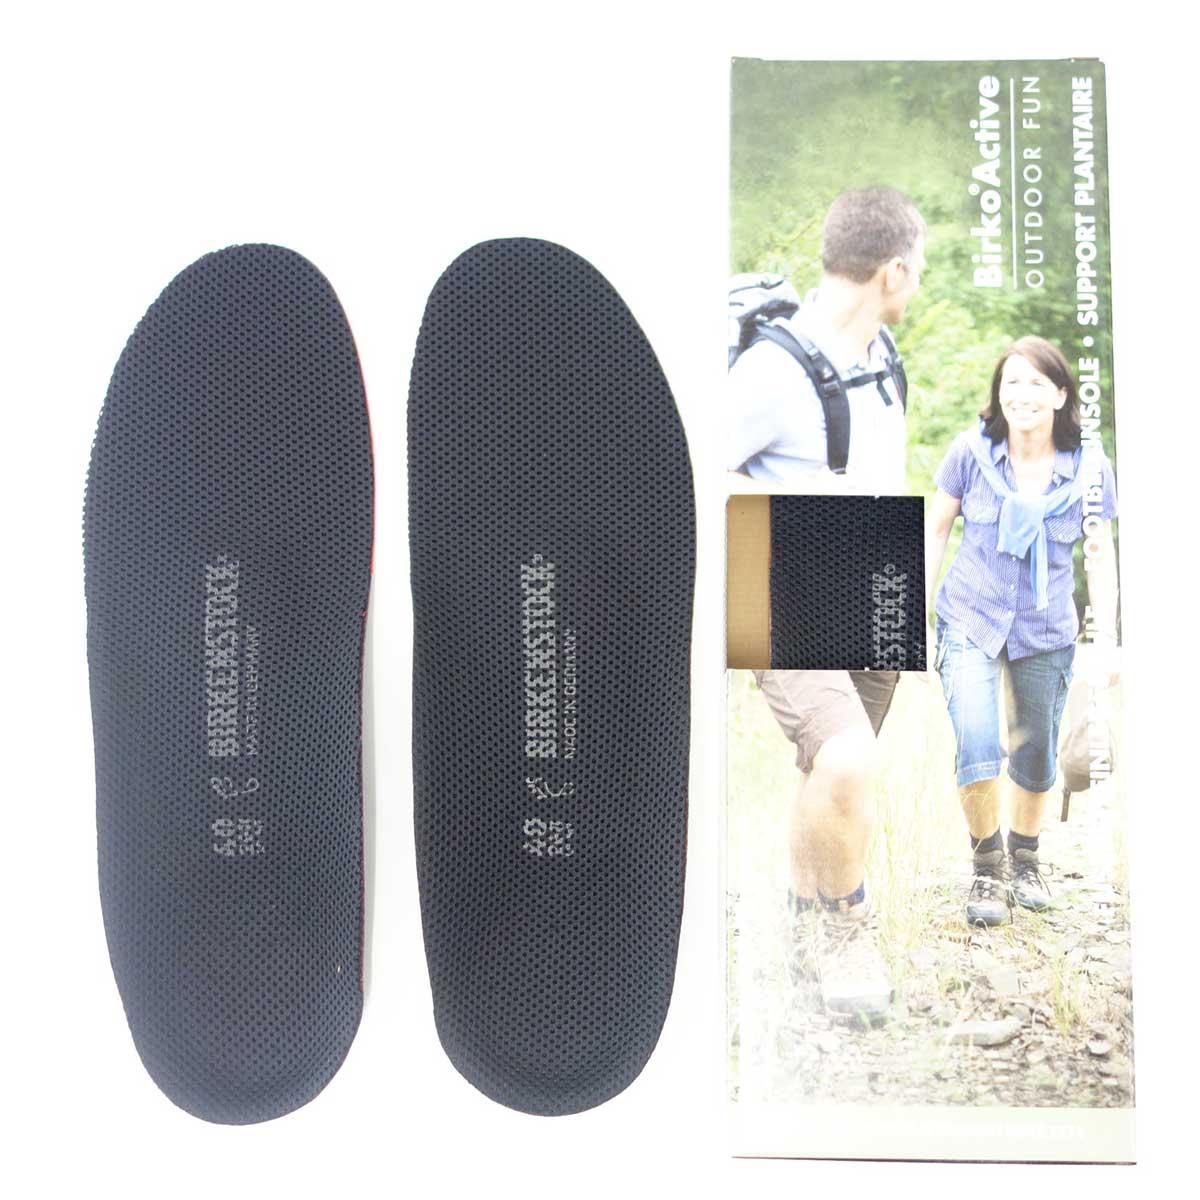 BIRKENSTOCK ビルケンシュトック インソール BIRKO ACTIVE ビルコアクティブ 1001284快適フットベッドインソール(ドイツ製)「靴」